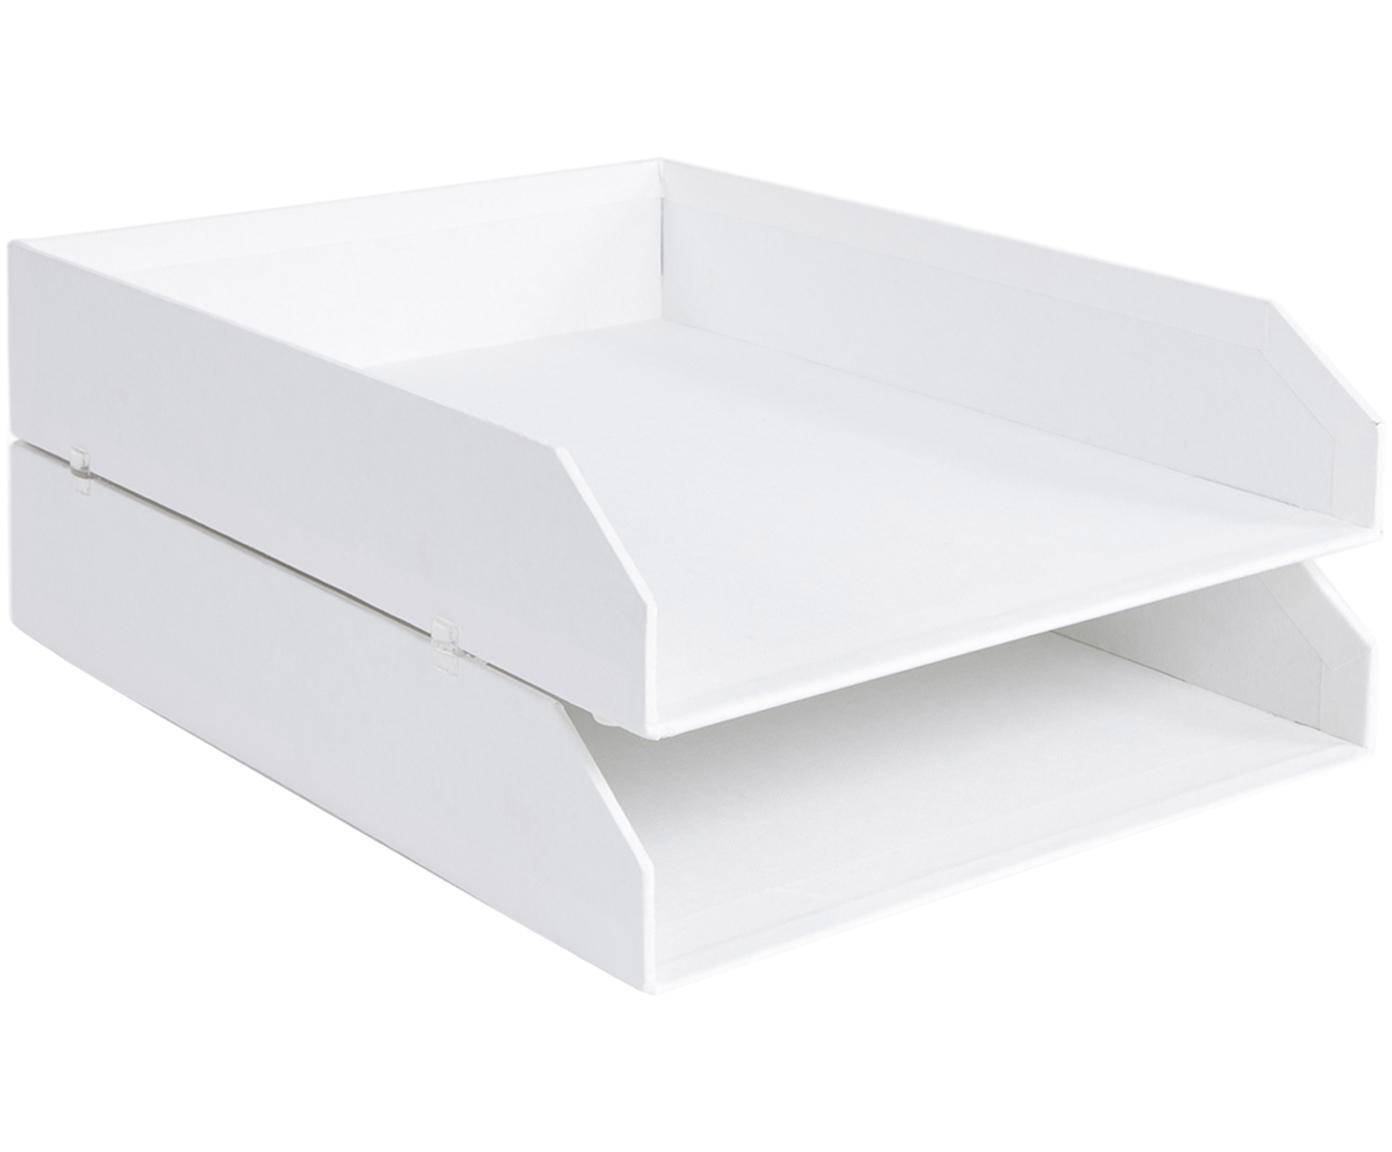 Organizadores de documentos Hakan, 2uds., Cartón laminado, Blanco, An 23 x F 31 cm